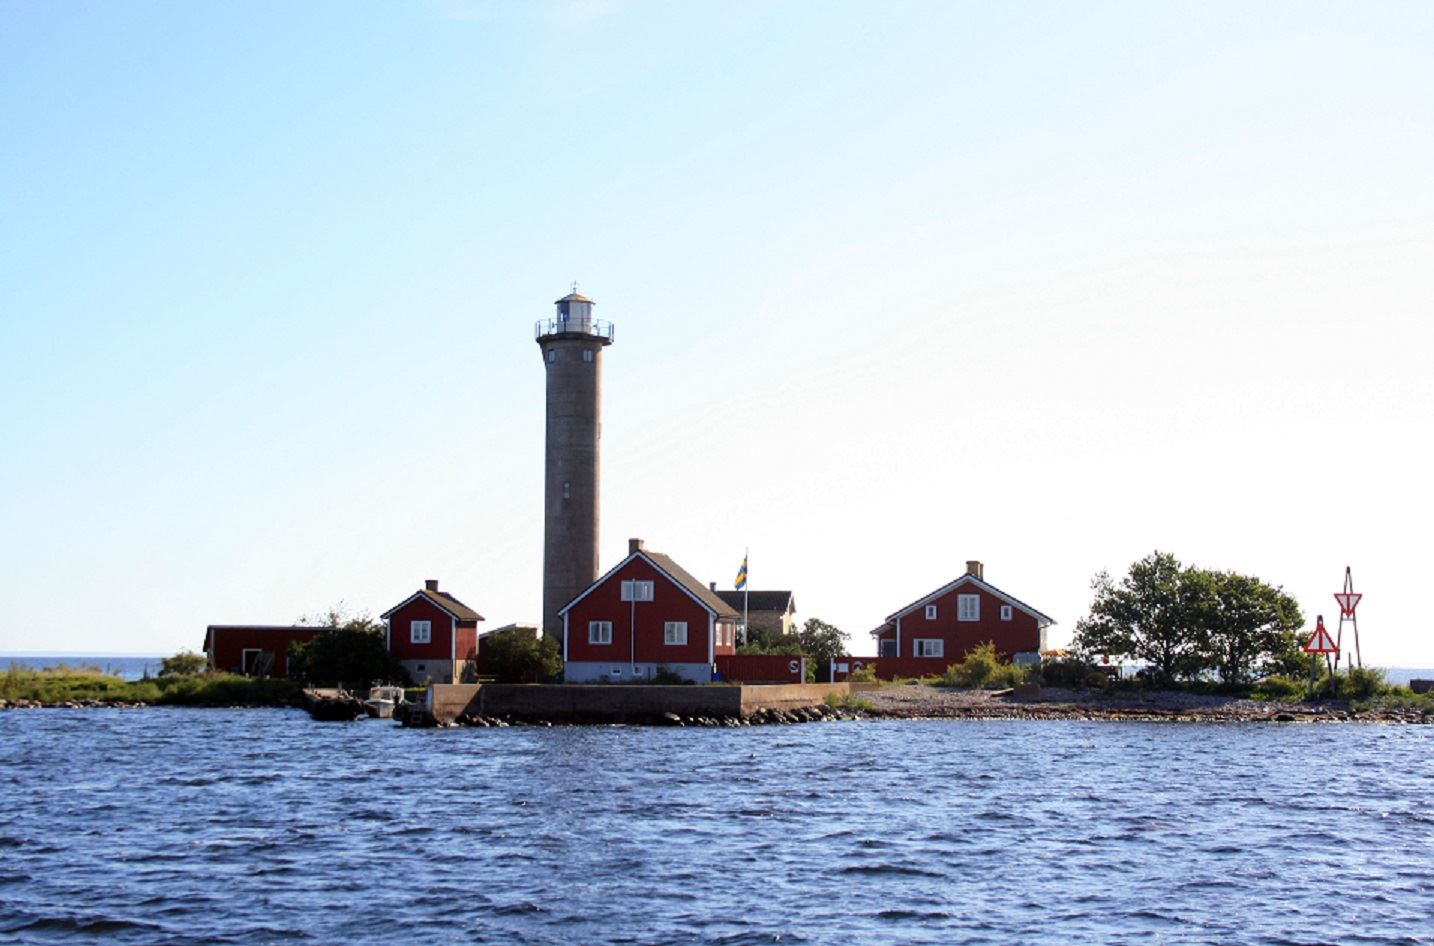 Torsås Turistbyrå, Garpen från båten